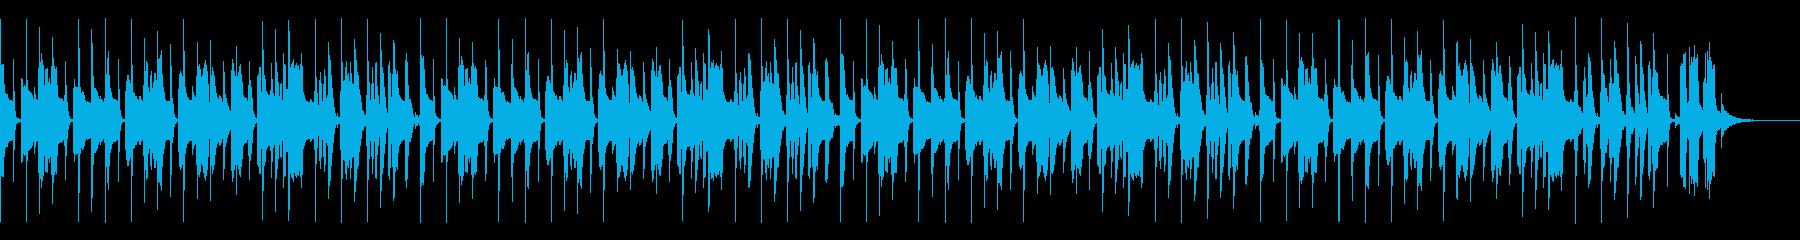 かわいいパズルBGM(スピードアップ無)の再生済みの波形